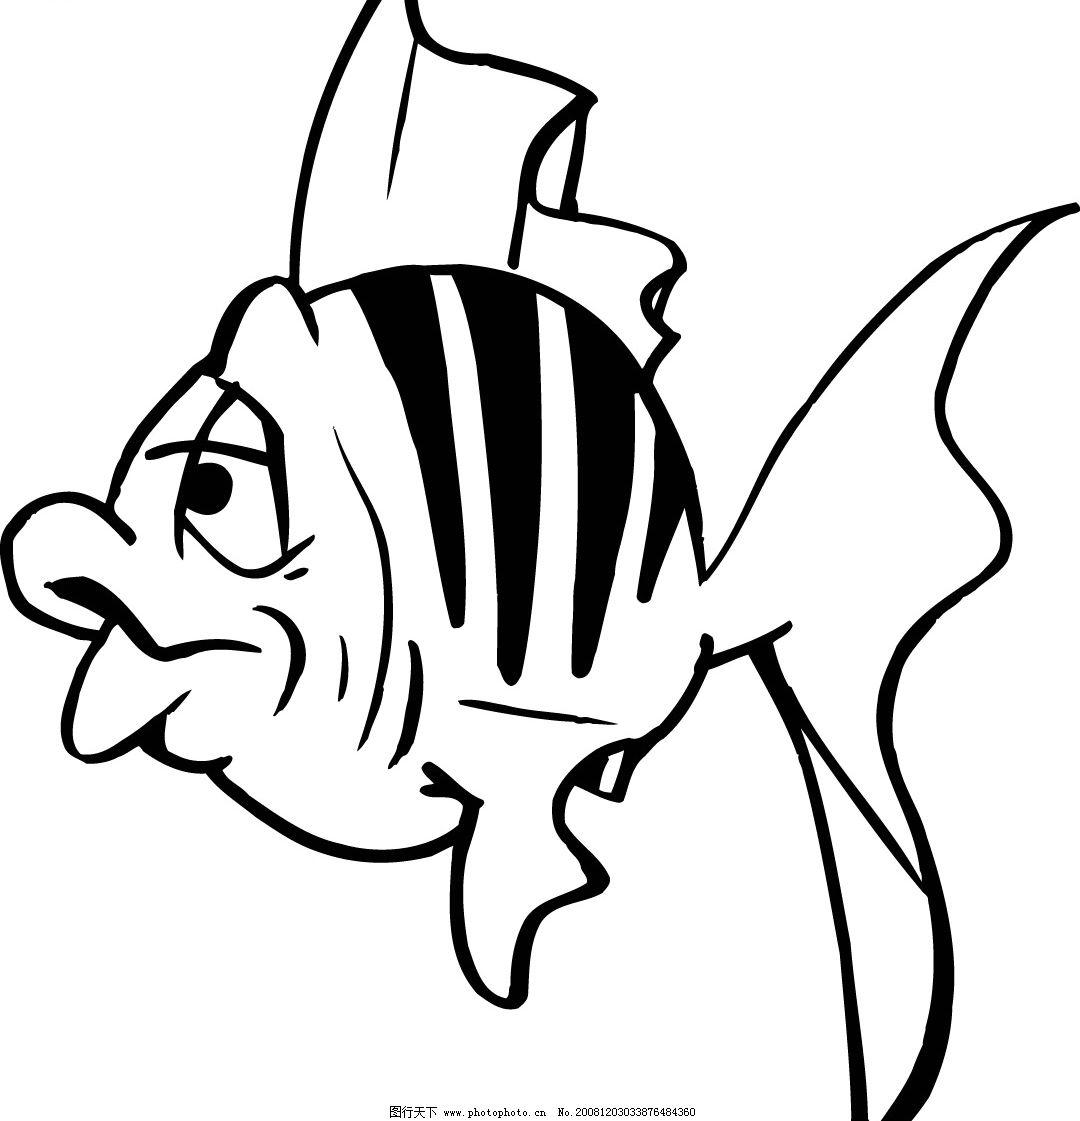 50款黑白卡通动物形象图片